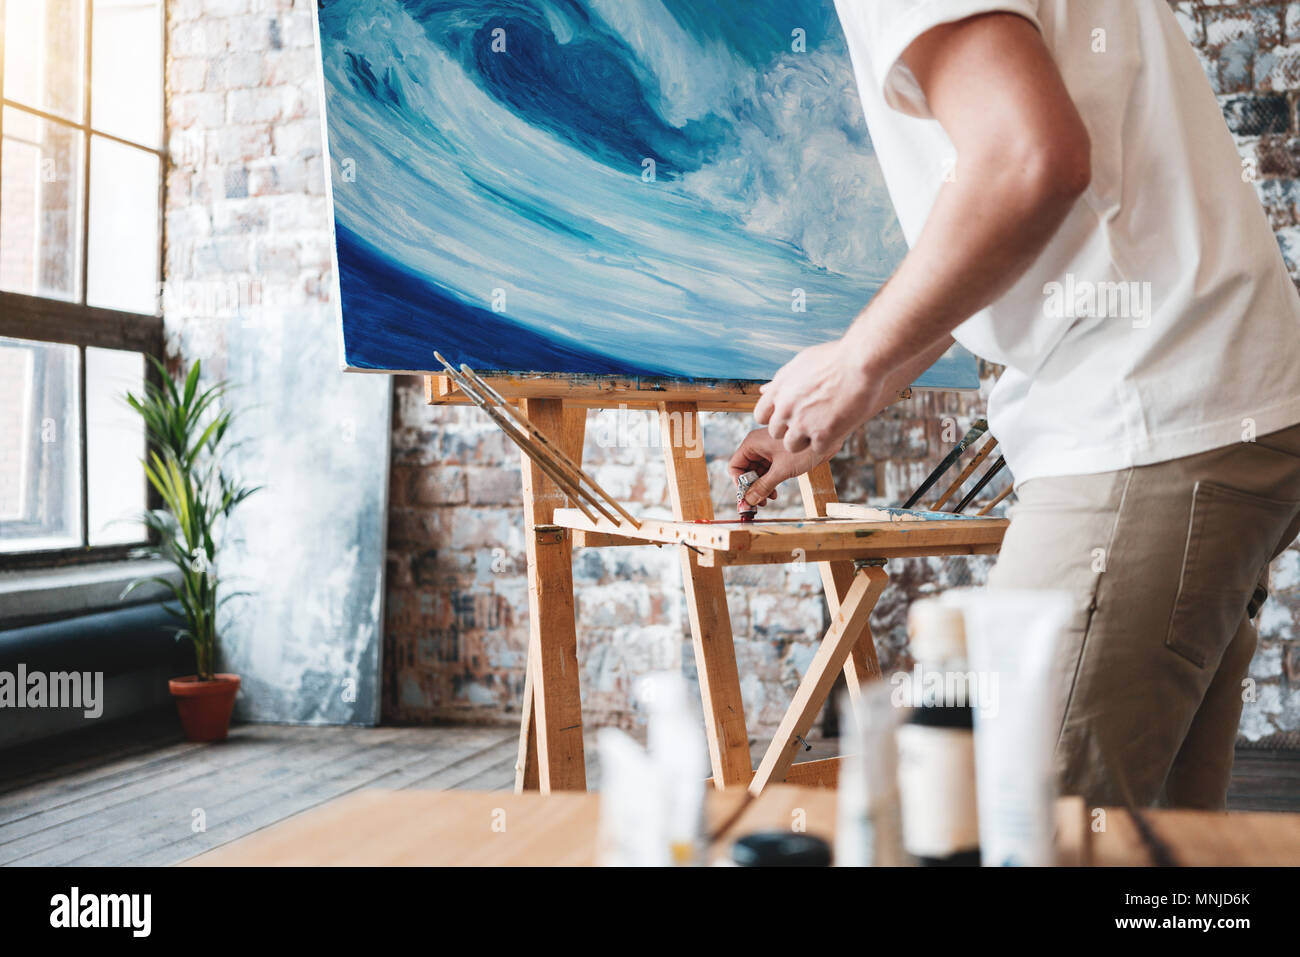 Le travail de l'artiste en art studio près de chevalet et la toile. Peintre peint un tableau avec des peintures à l'huile in loft studio. Atelier de dessin. Classe créative Photo Stock